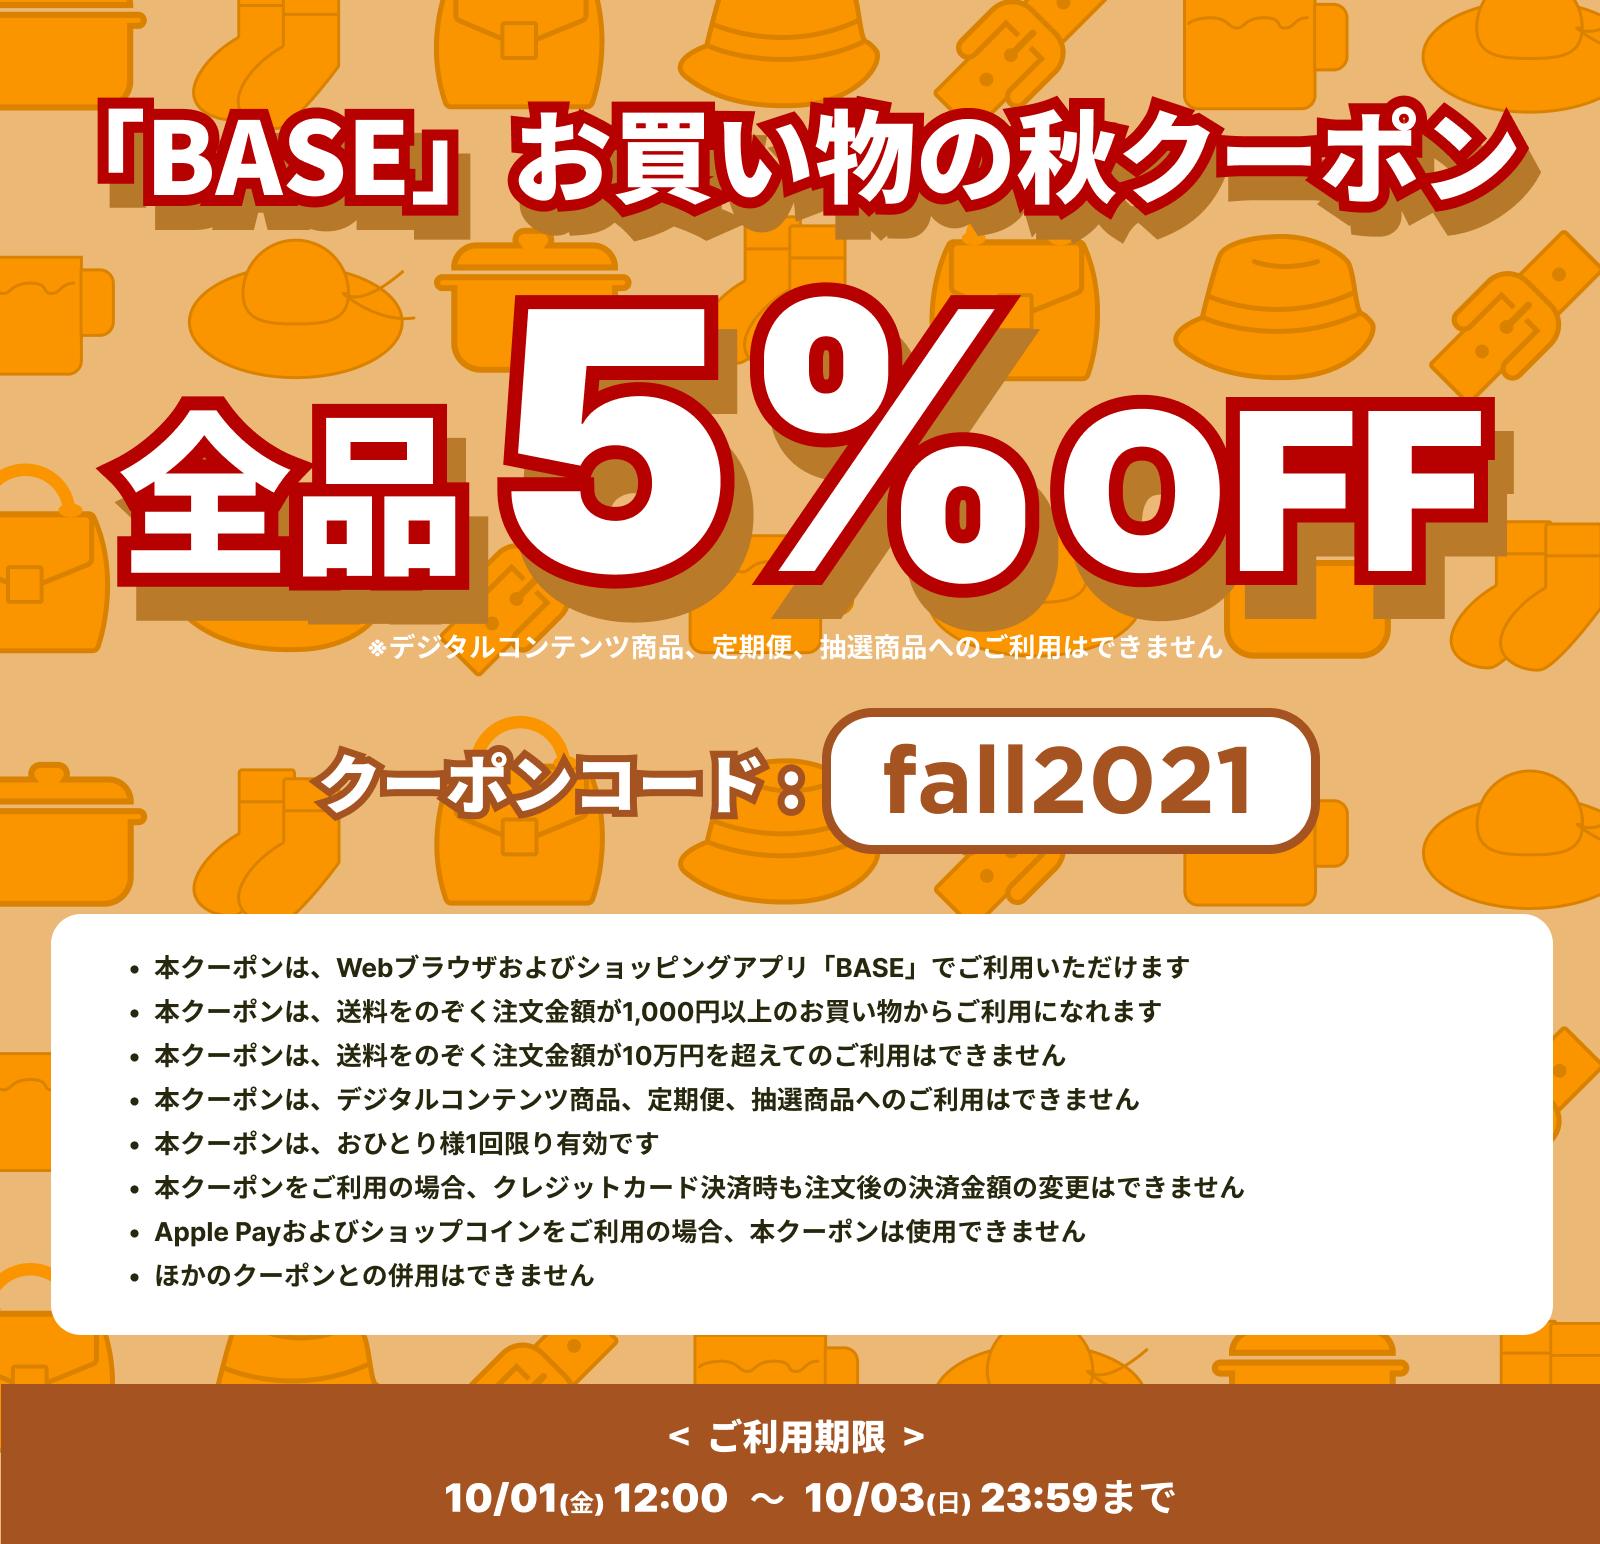 【10/1~3日期間限定】BASEお買い物の秋クーポン 全品5%OFFクーポン